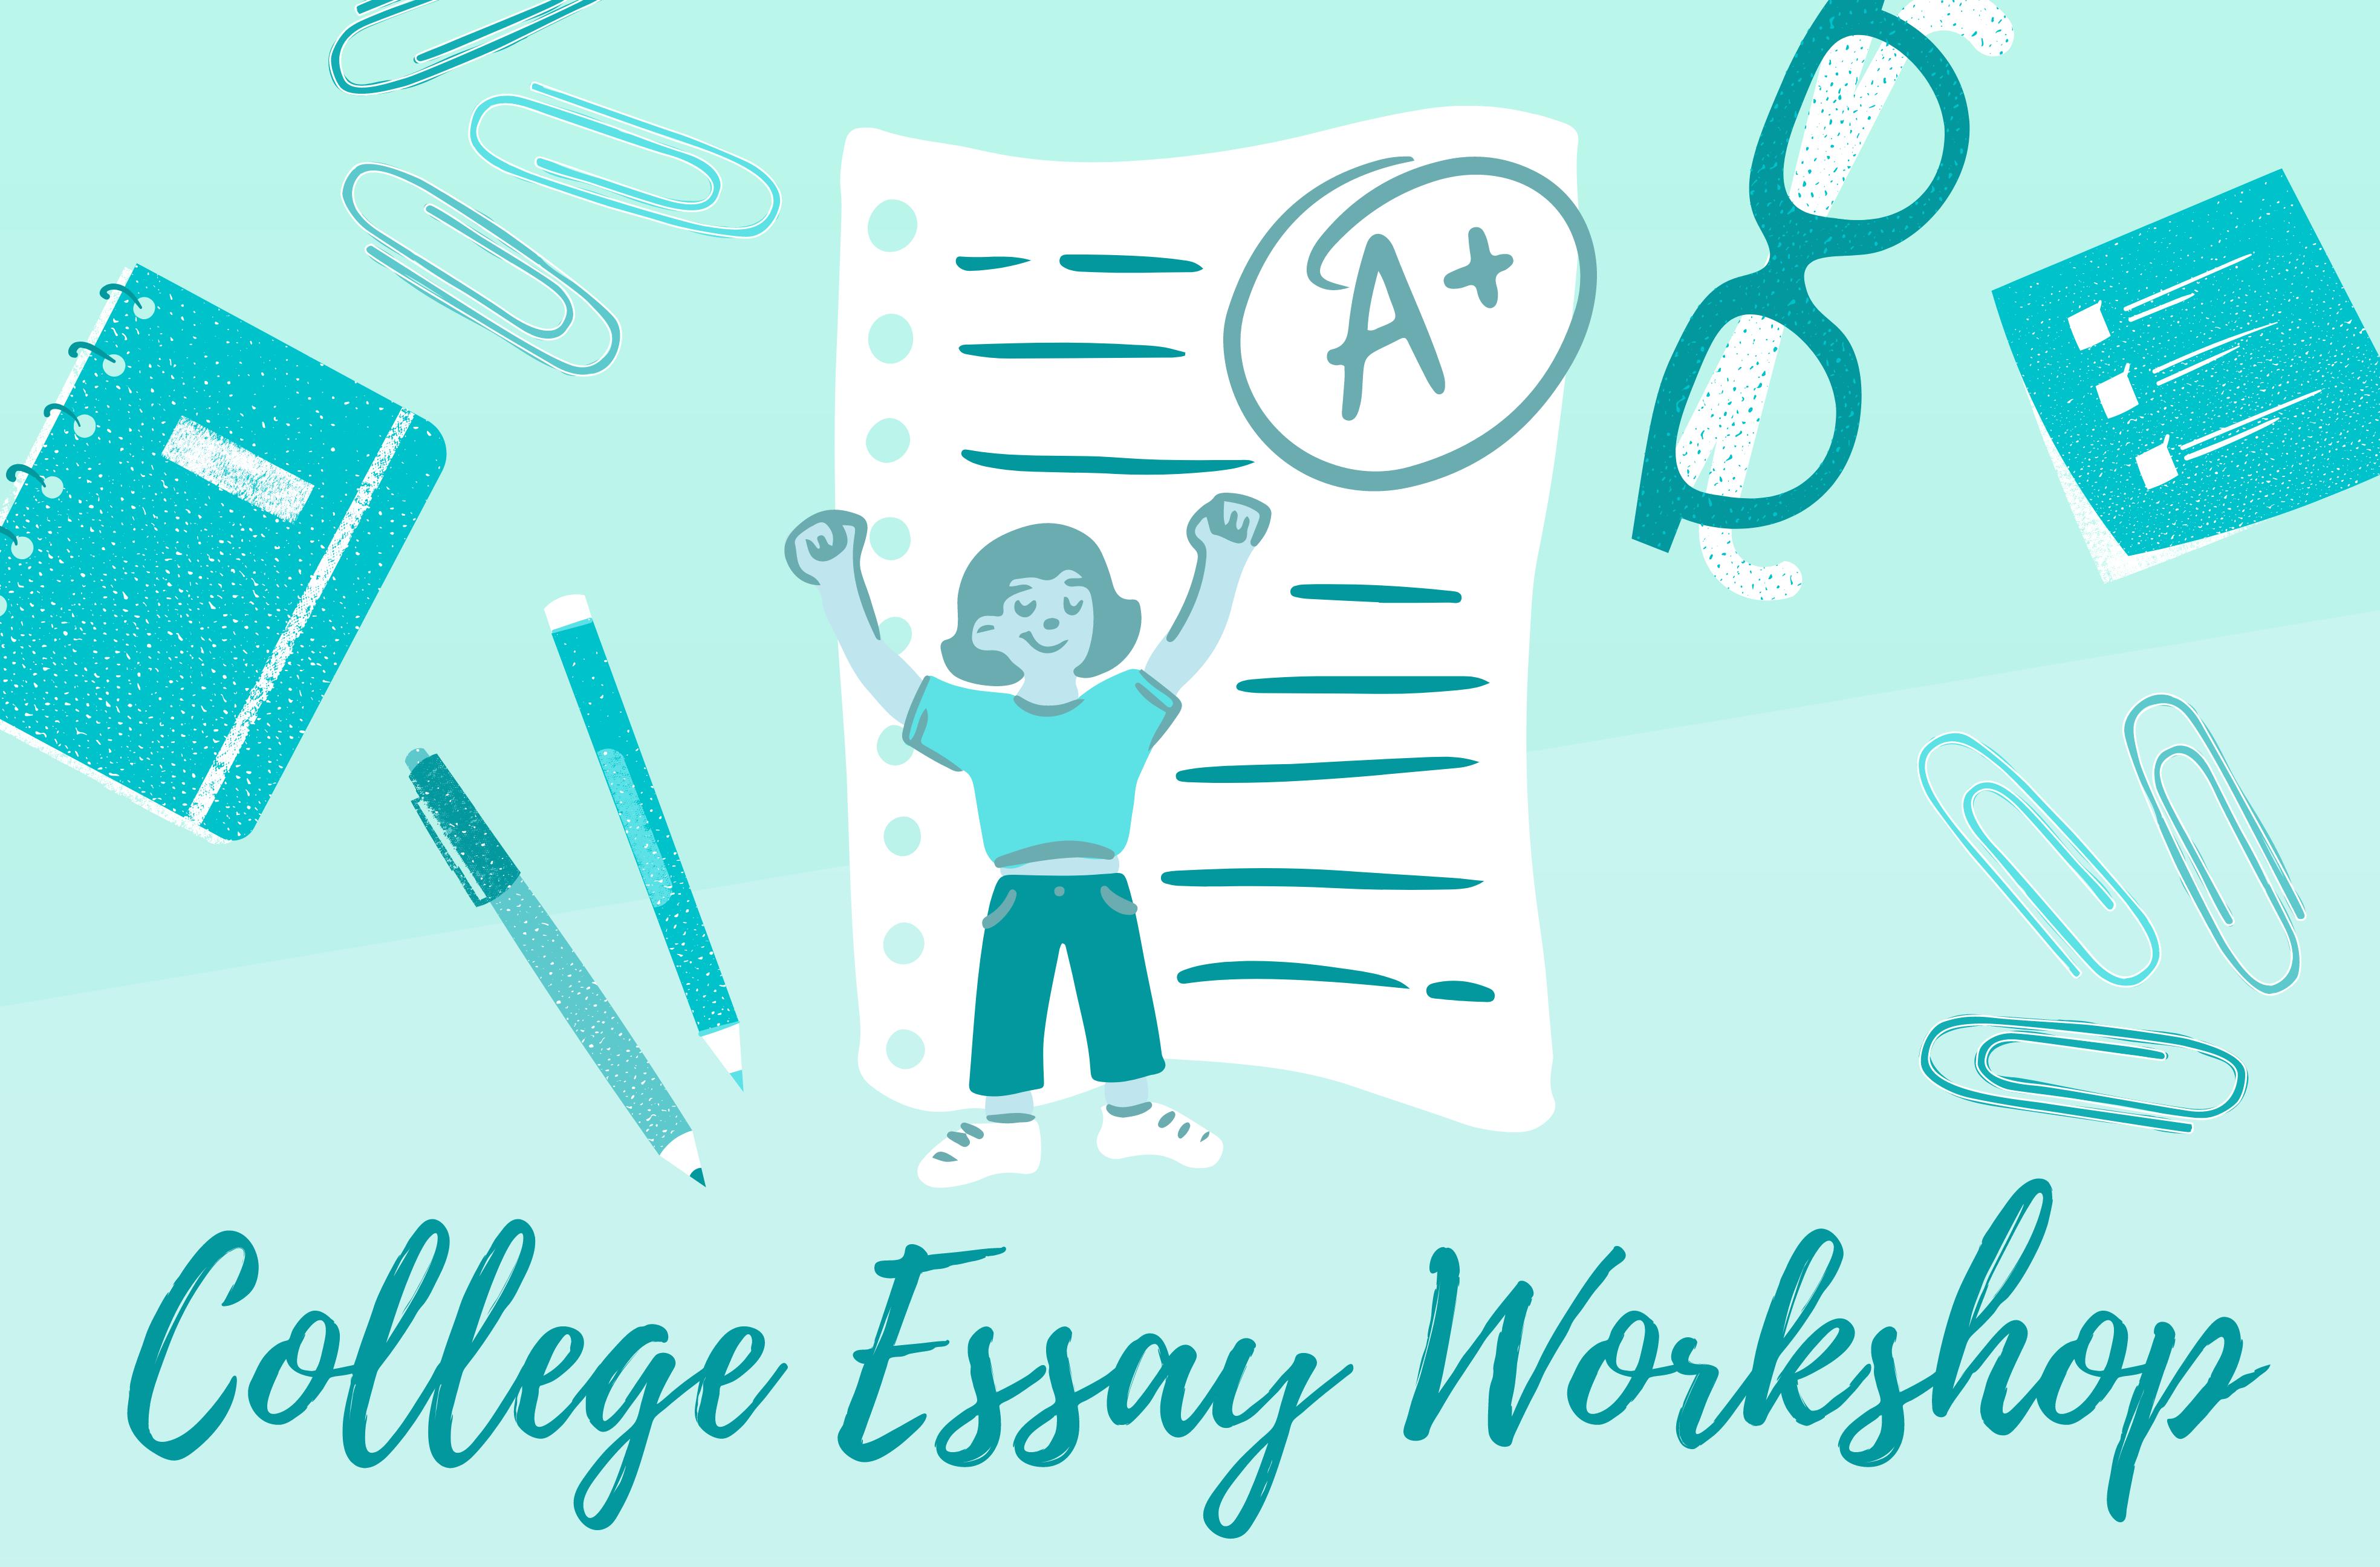 College Essay Workshop